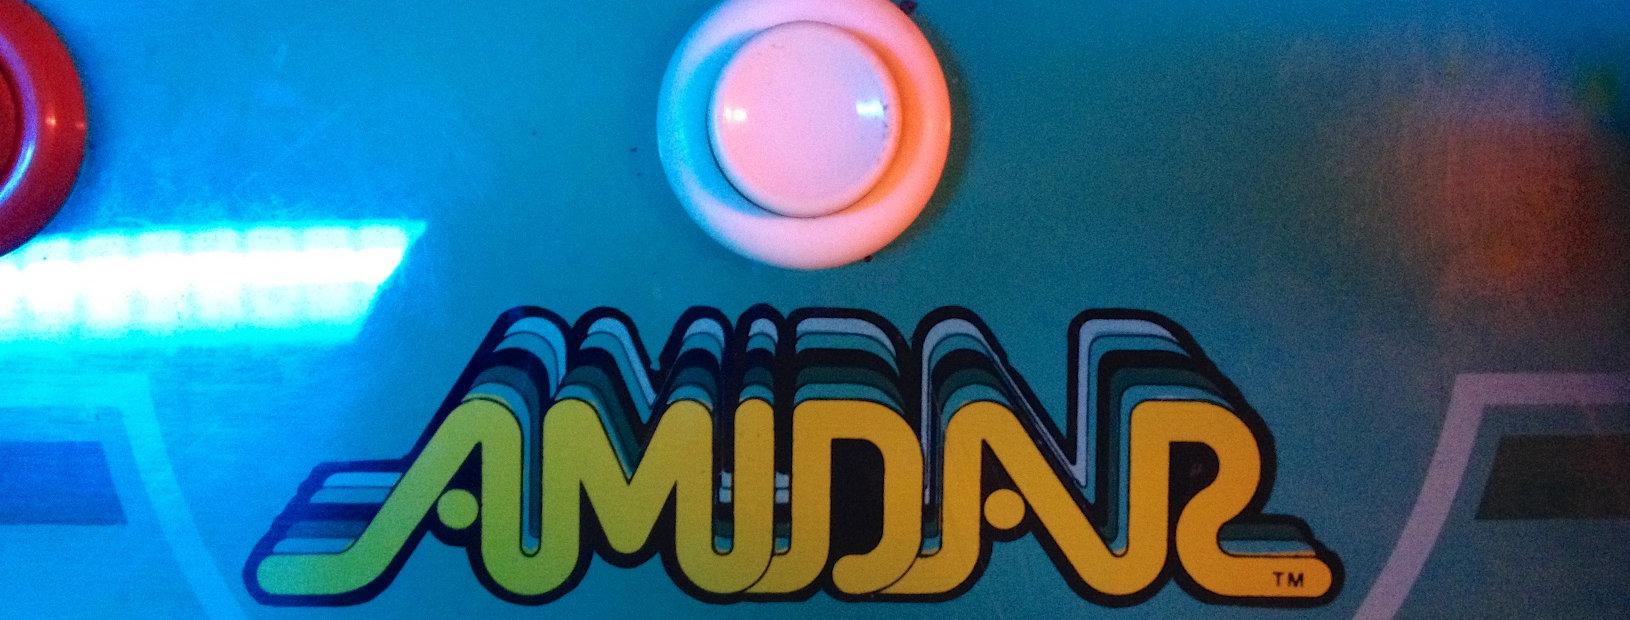 Detail aus dem Control-Panel von Amidar. (Bild: André Eymann)